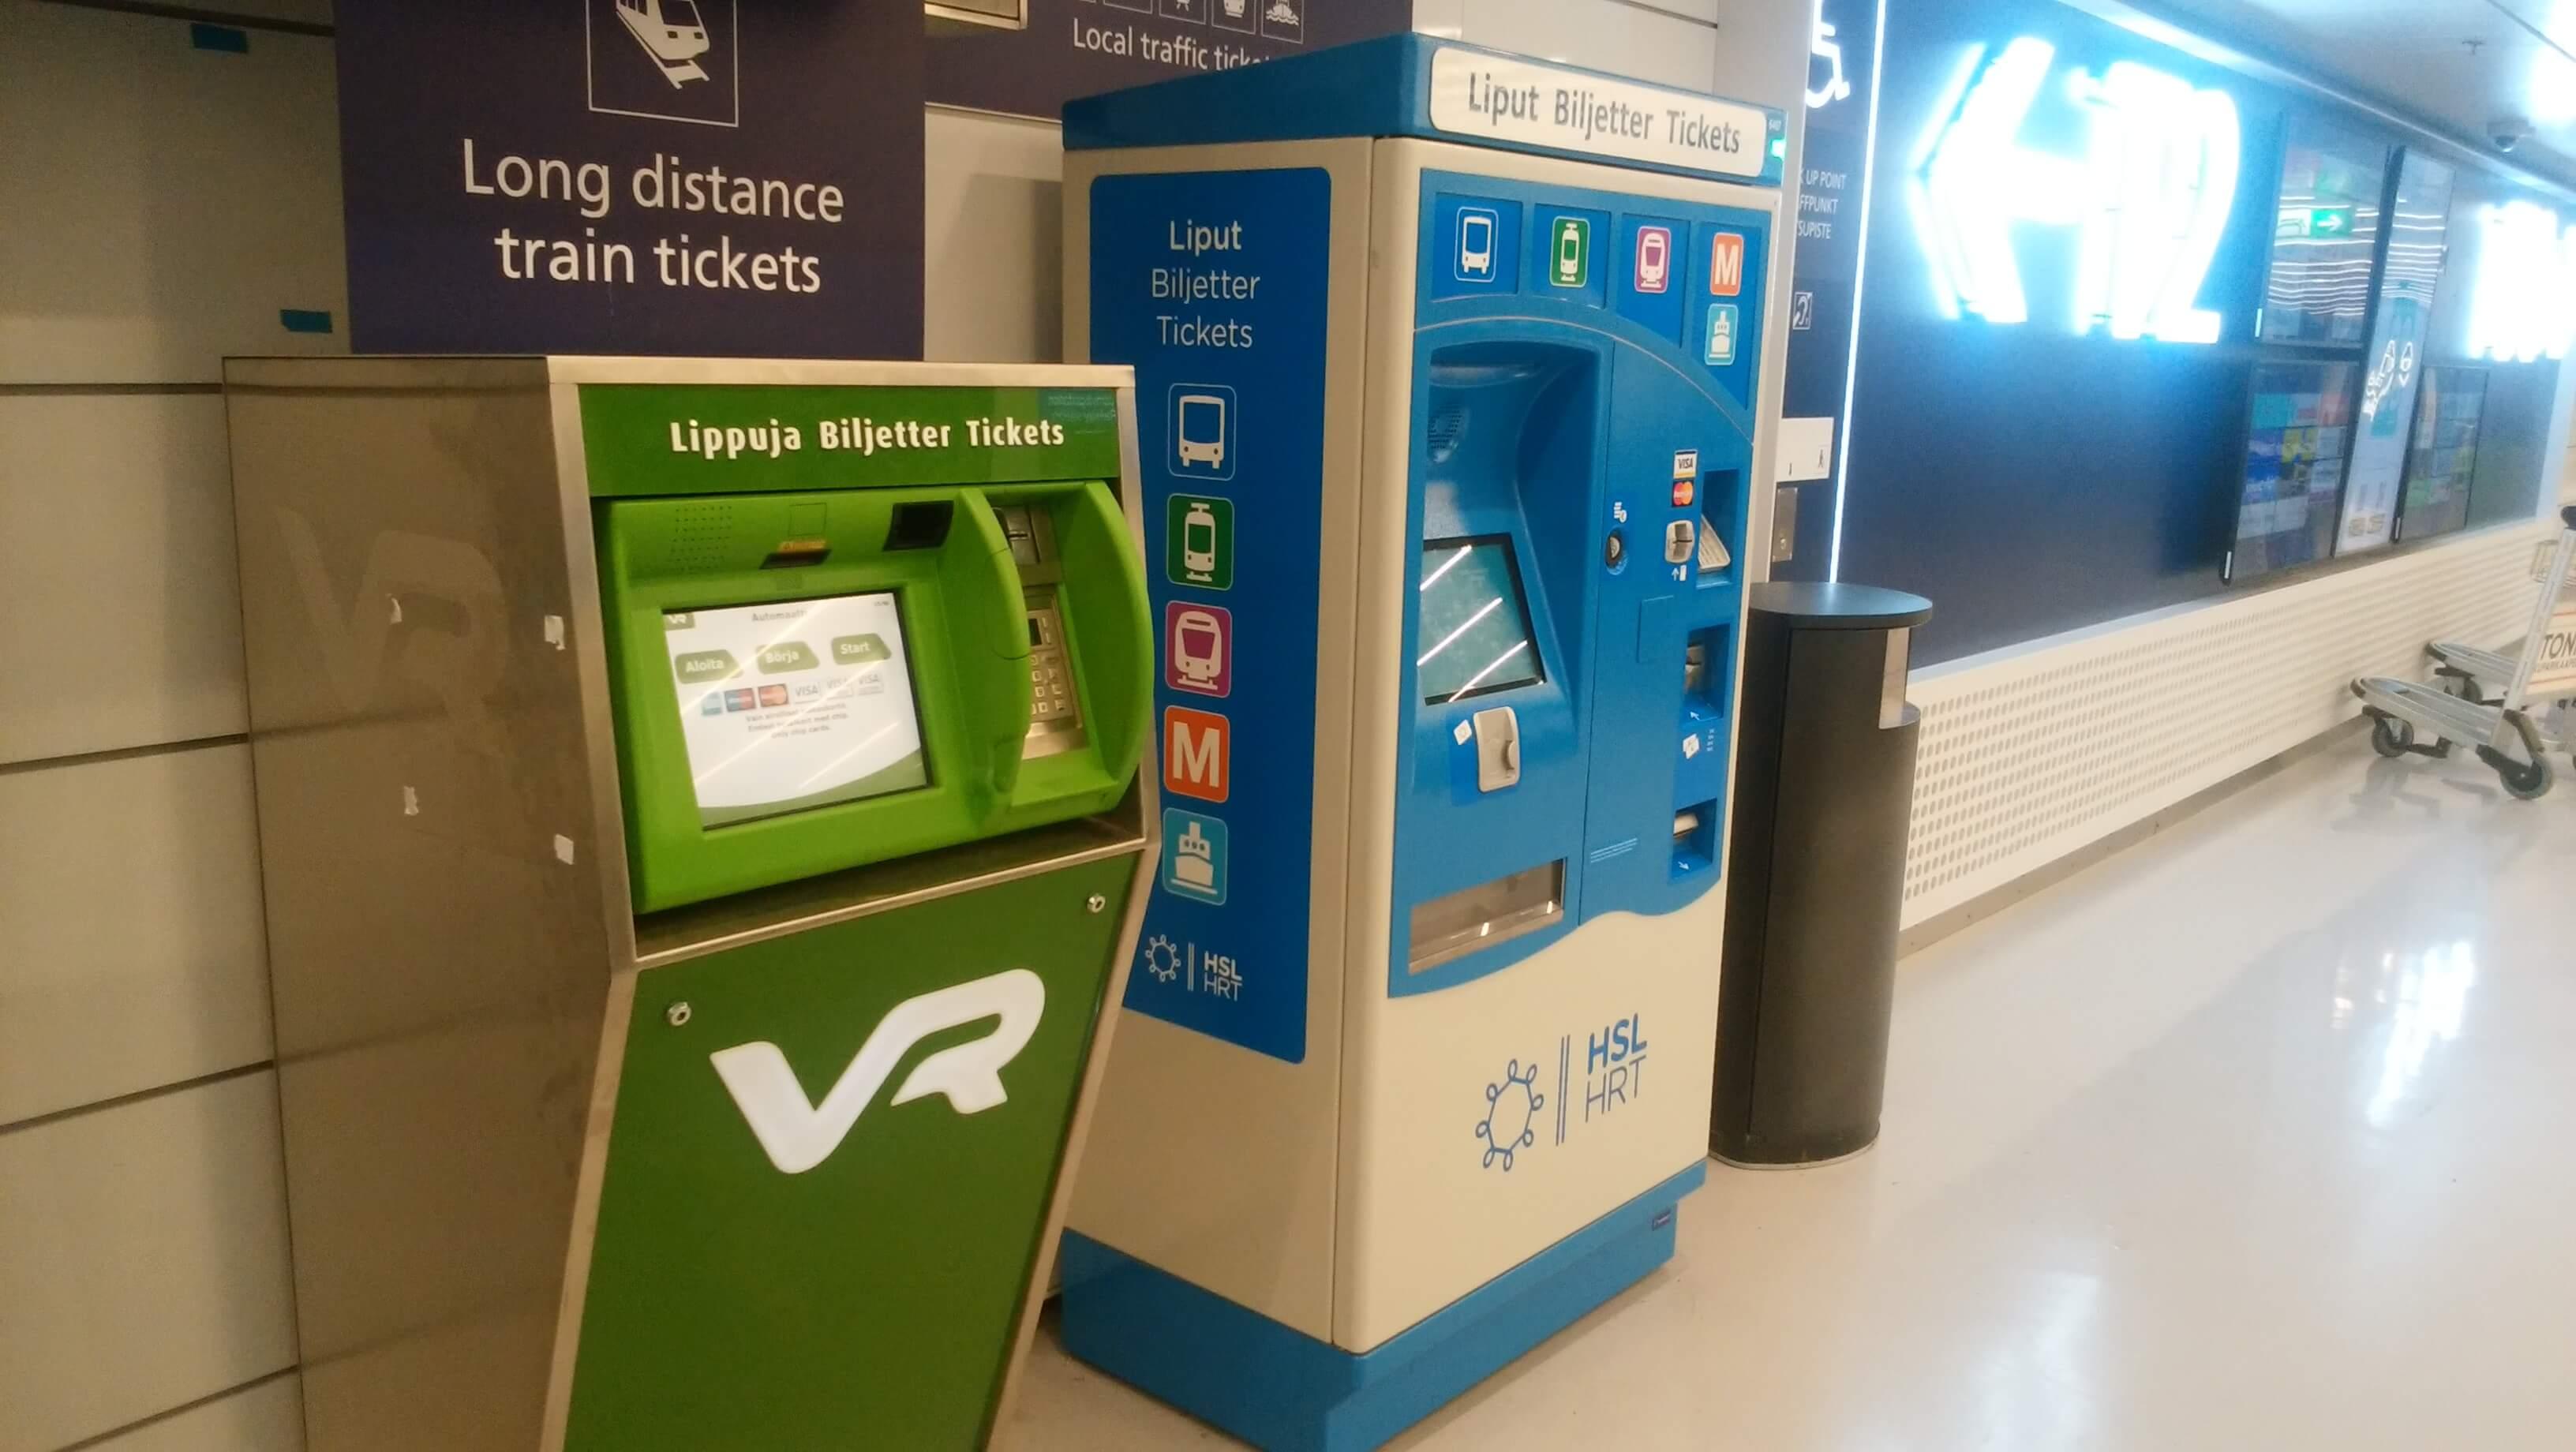 2018年に訪れた際のフィンランド公共交通の券売機のデザインが変わっていた